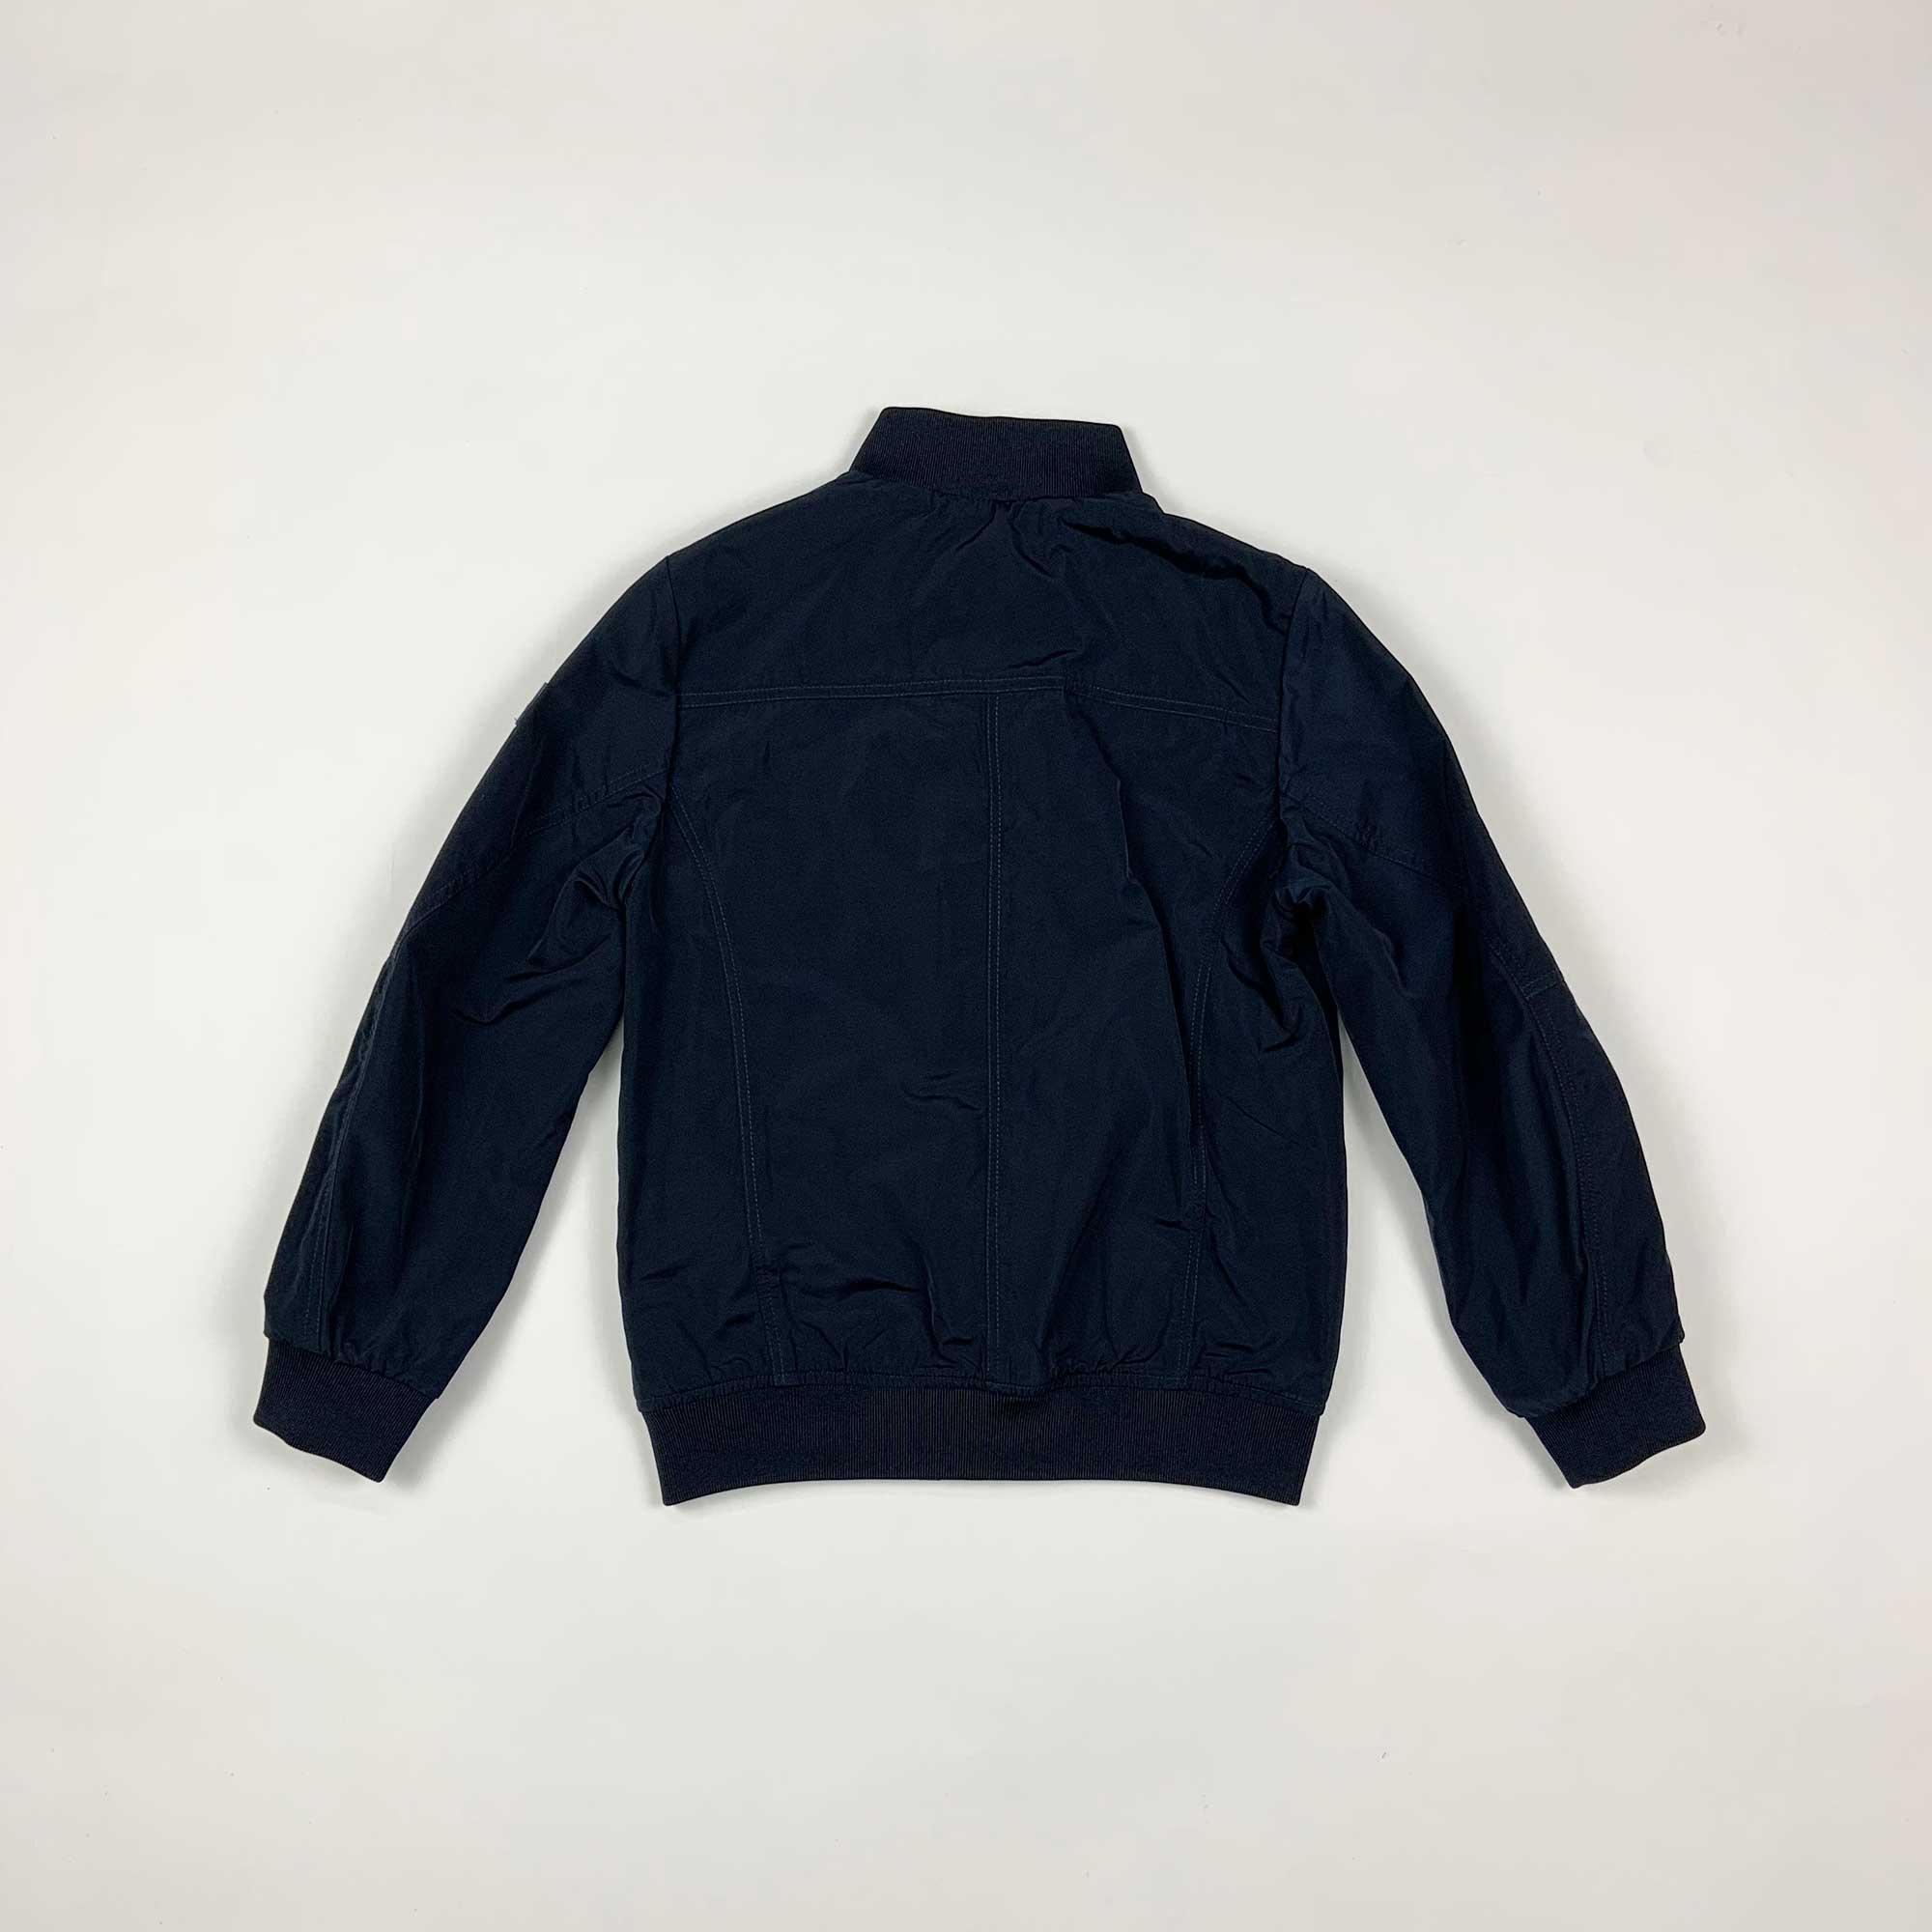 Giubbino boy senza cappuccio - Blu scuro